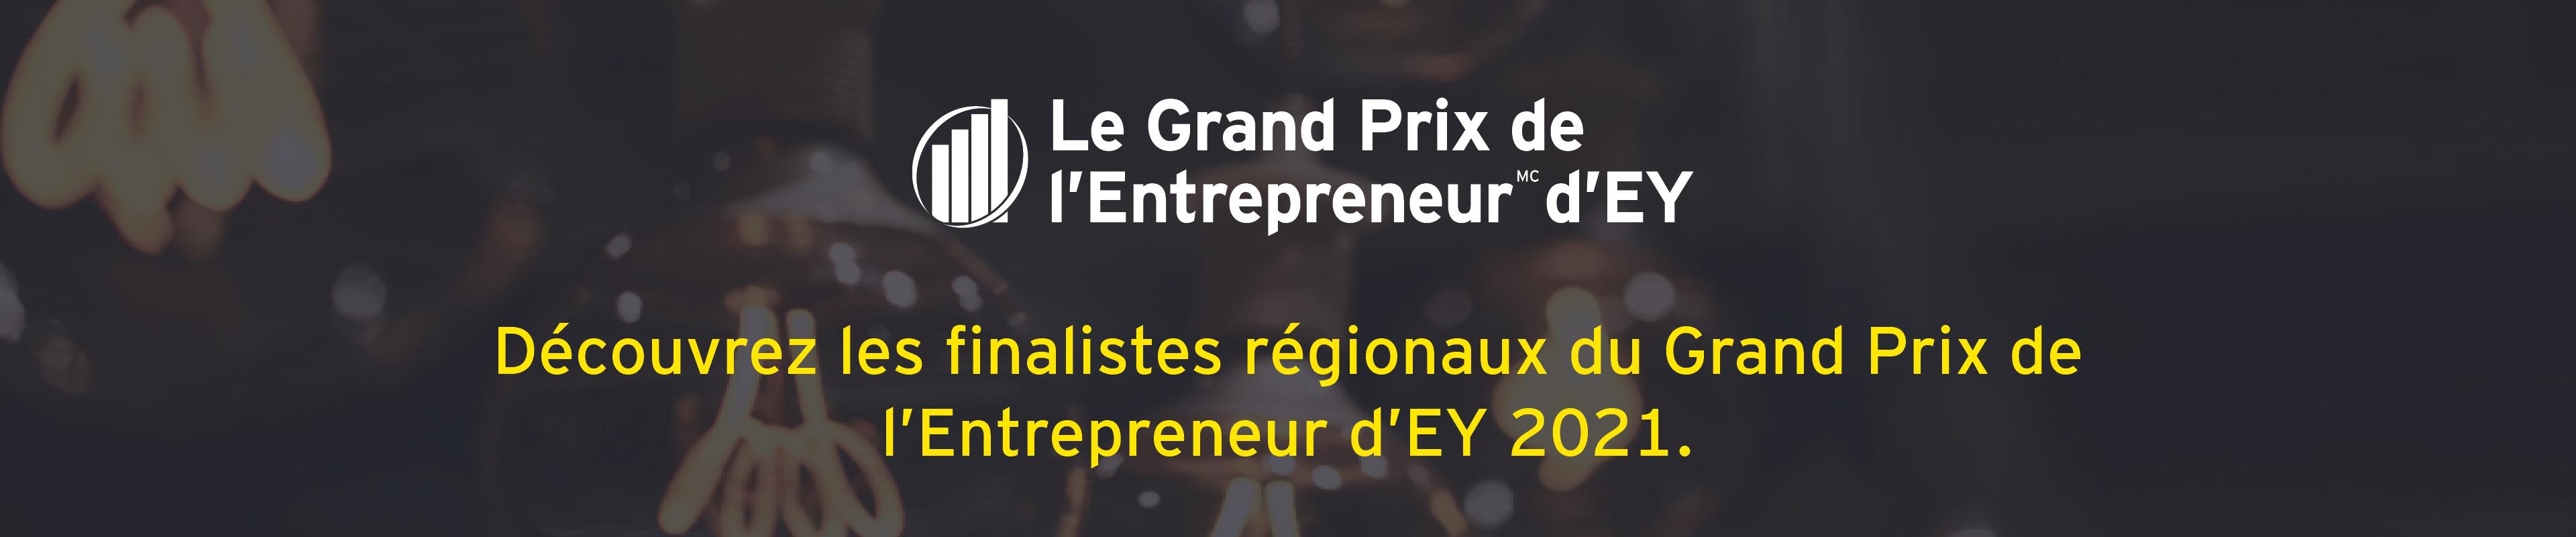 Découvrez les finalistes régionaux du Grand Prix de l'Entrepreneur d'EY 2021.